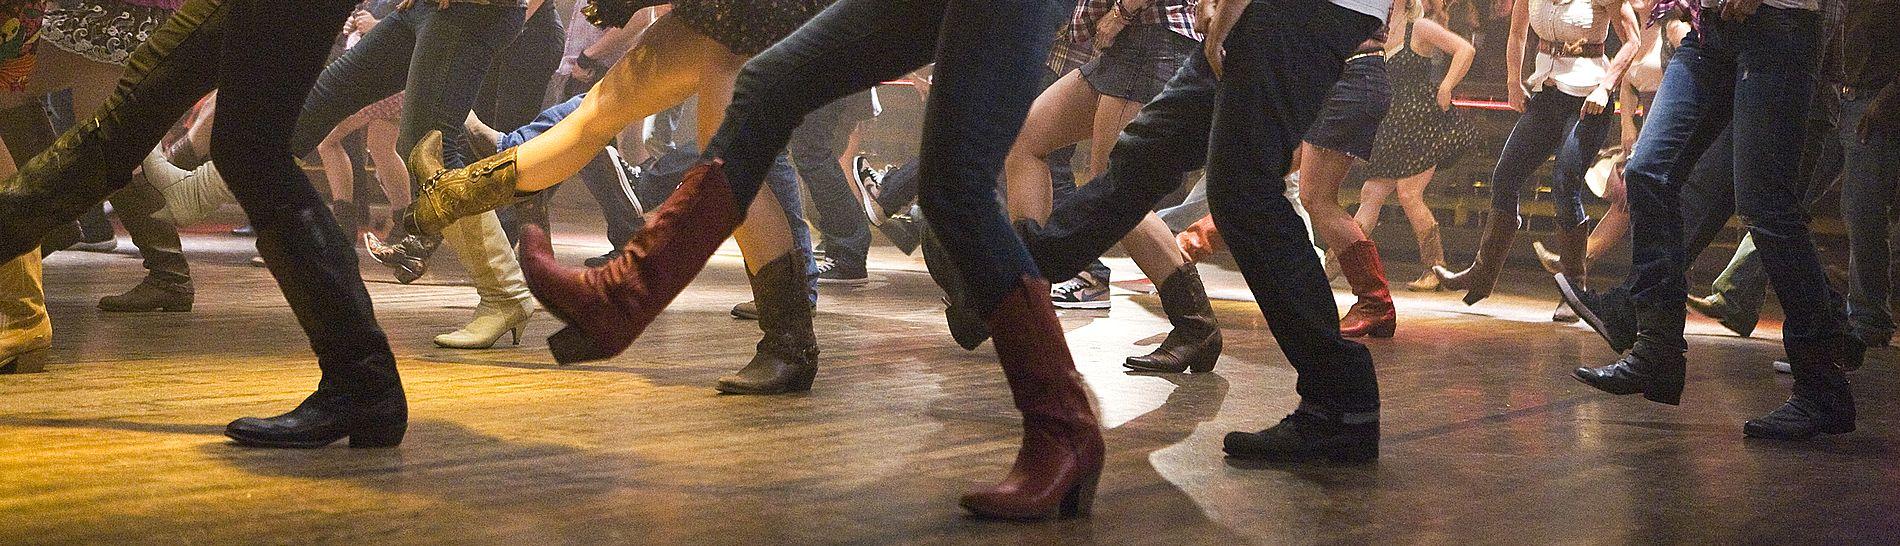 line-dancing